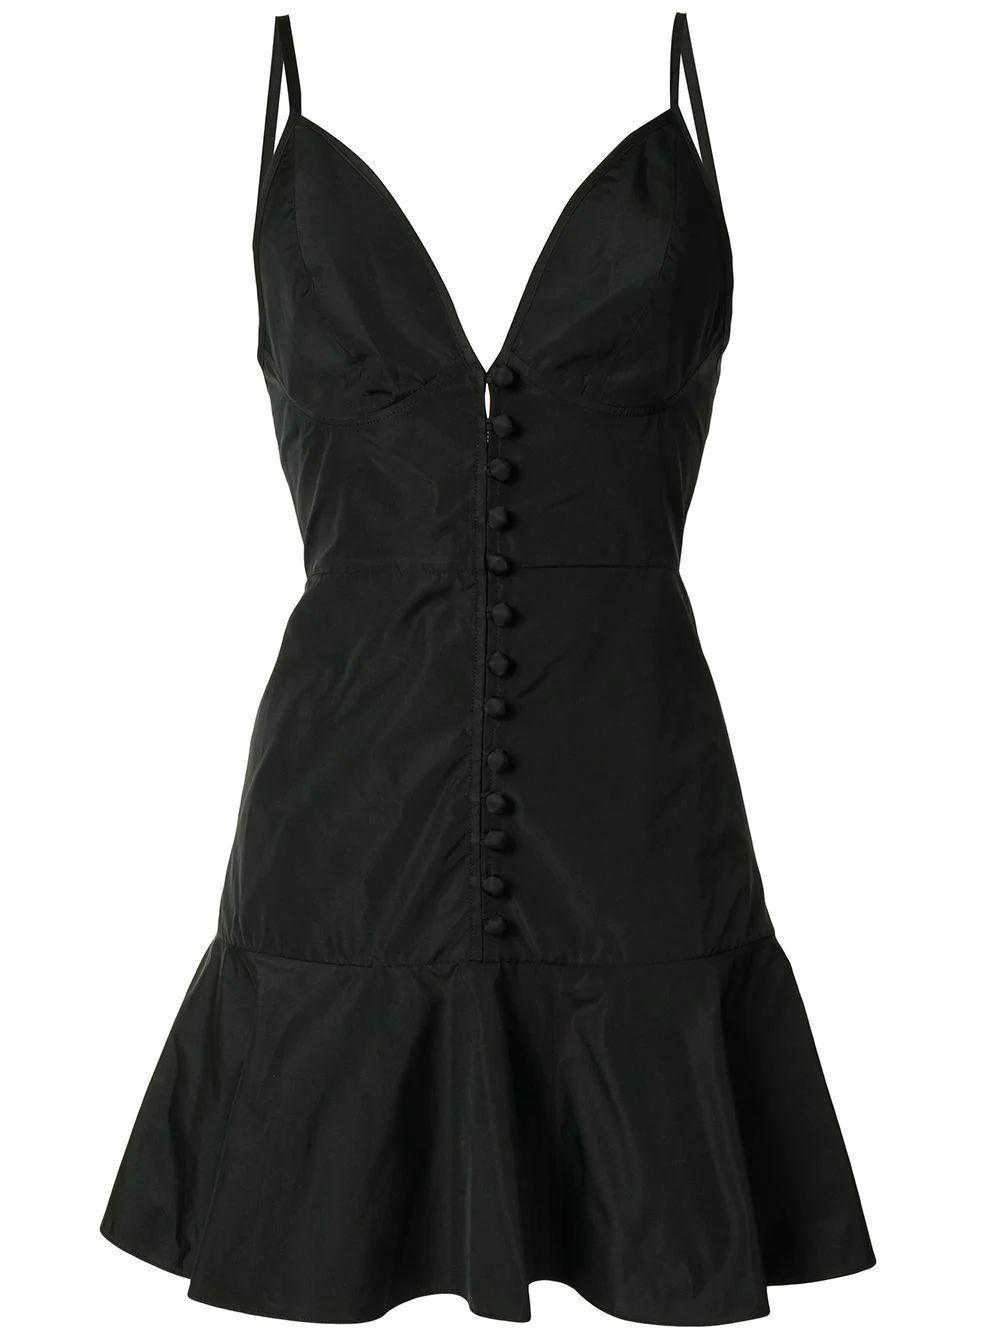 Abira Mini Dress Item # A5210316-6849